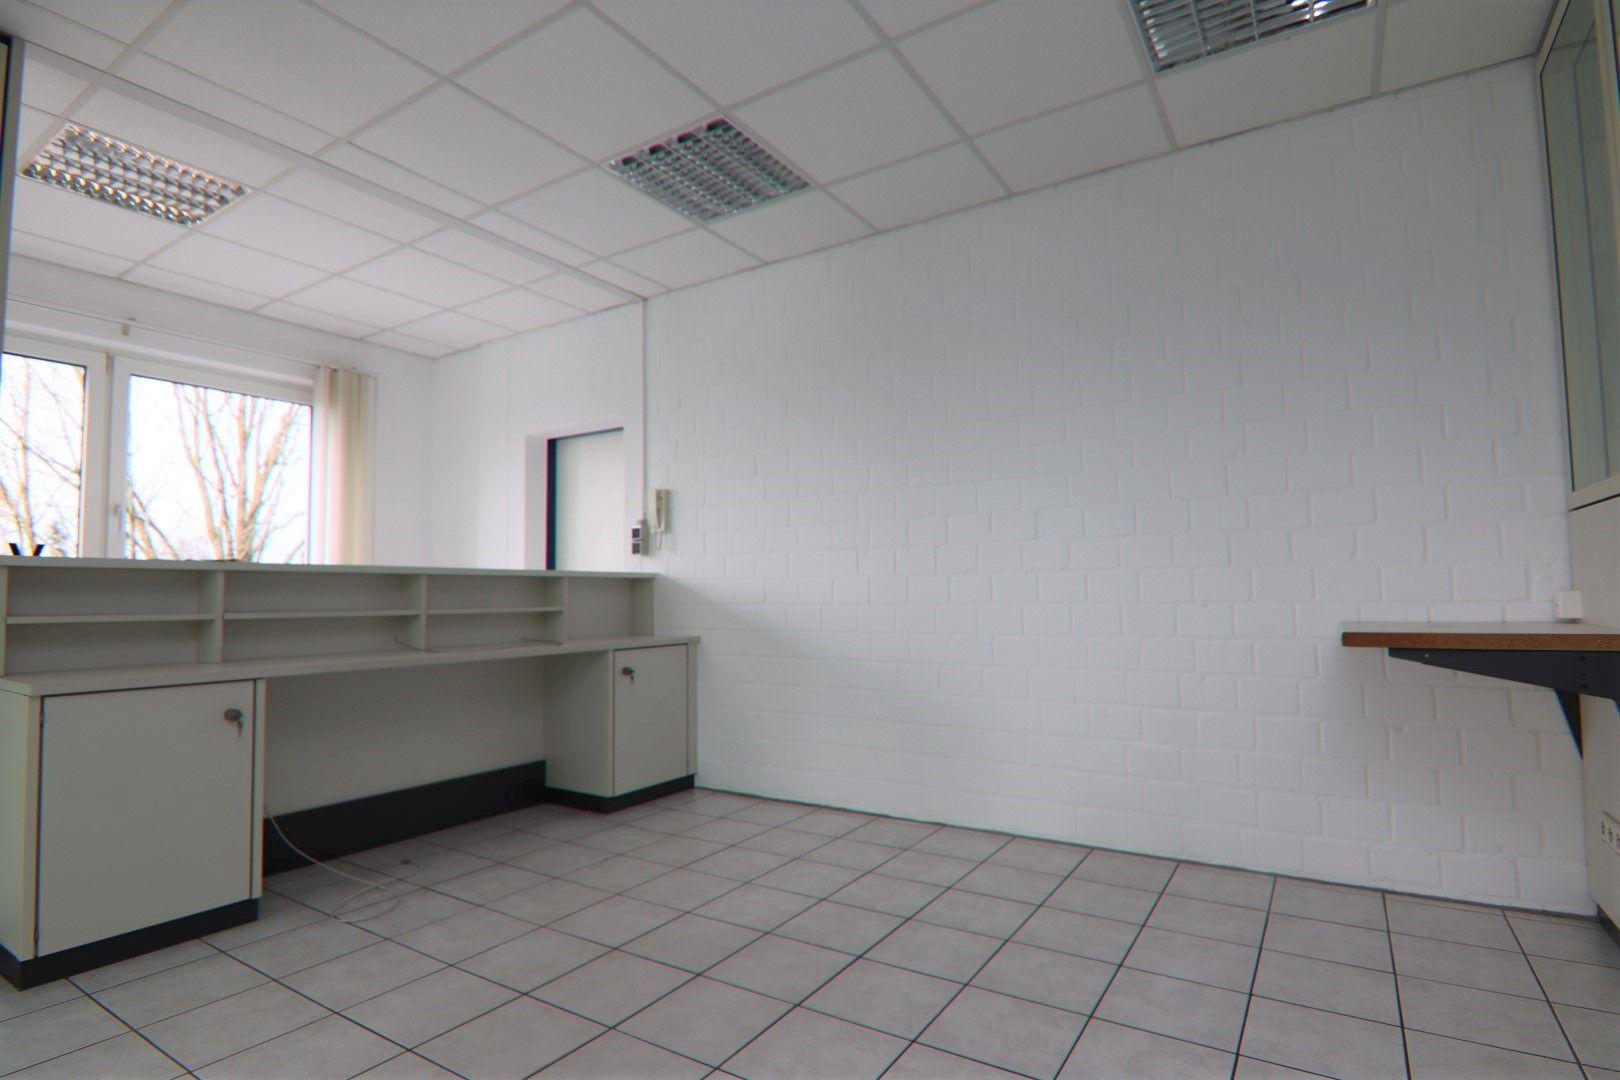 Immobilie Nr.0295 - Bürofläche mit WC-Anlage, Küche u. Aufzug - Bild 12.jpg